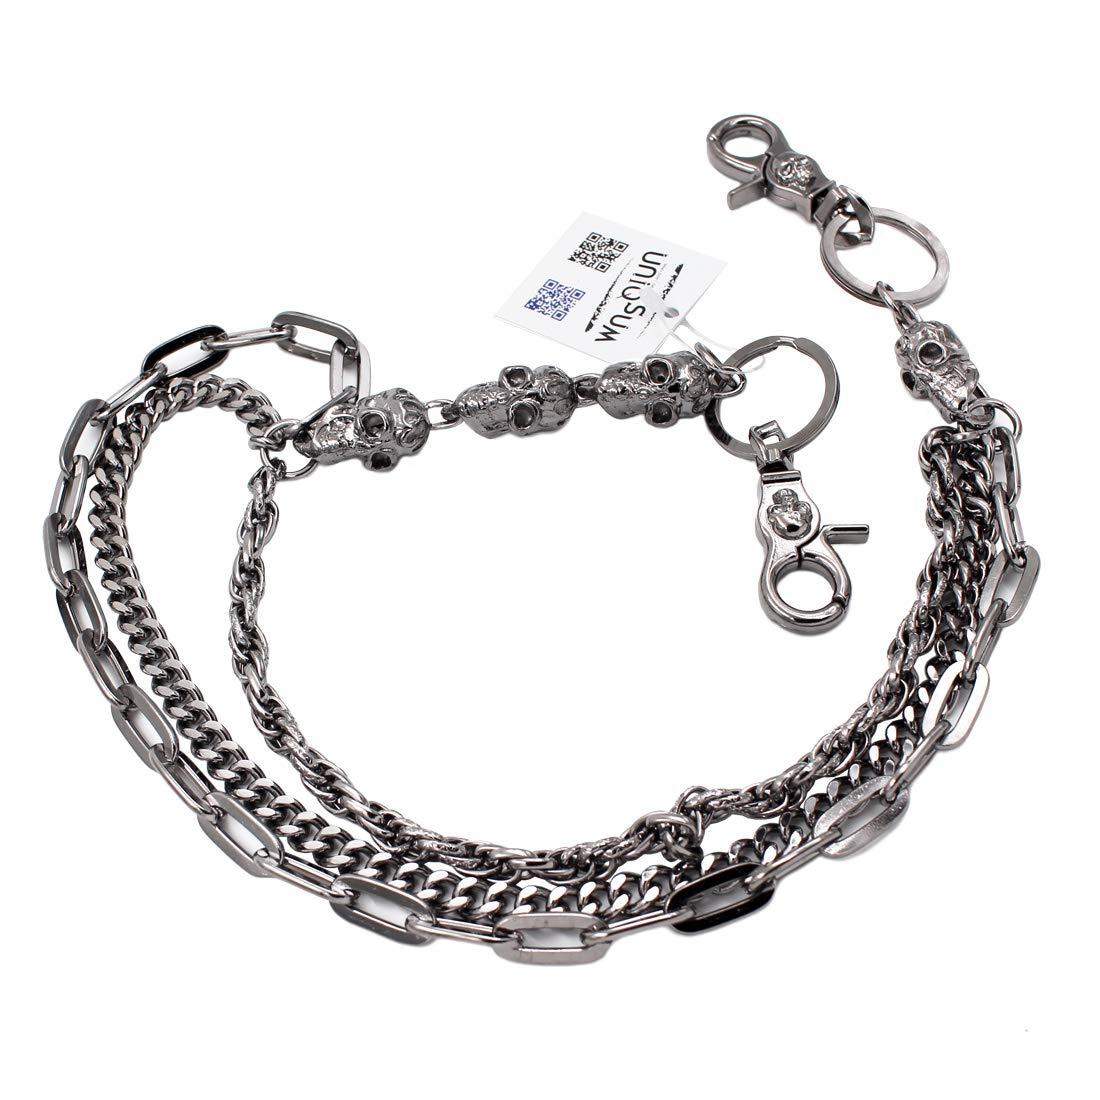 f5fc7a488aa0 Uniqsum Fire Skull charm Triple links wallet chain Biker Key chains